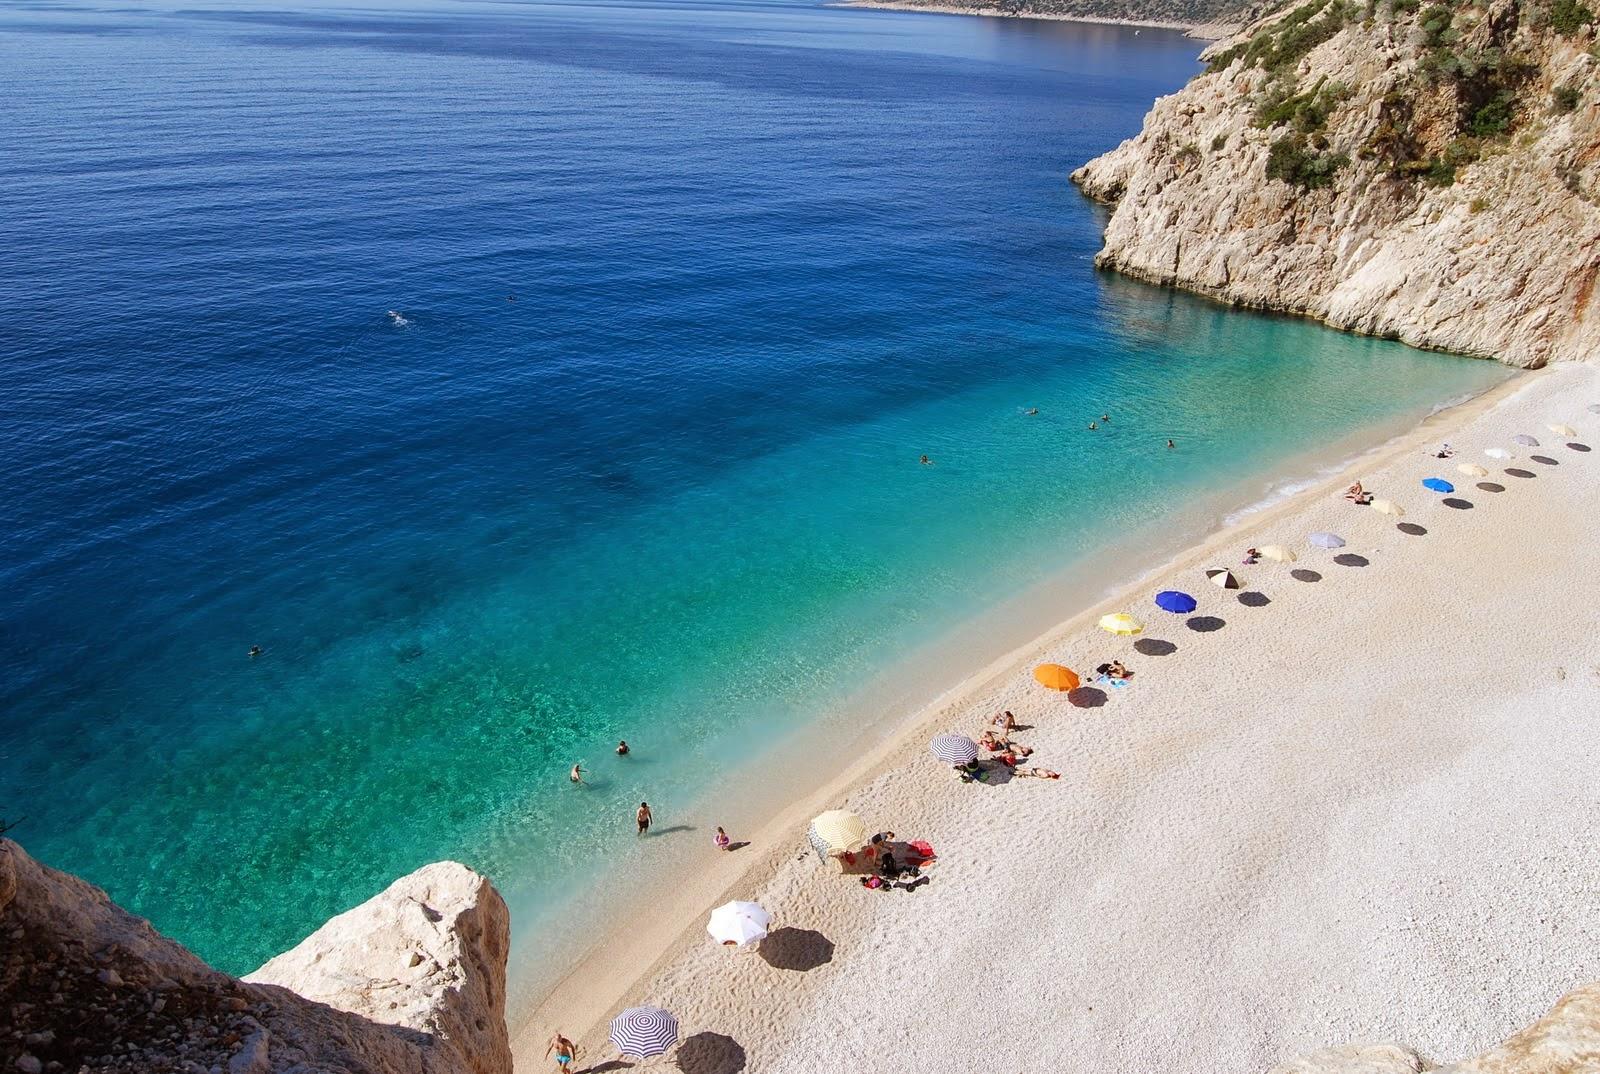 Лучшие песчаные пляжи Турции - описание, фото 12